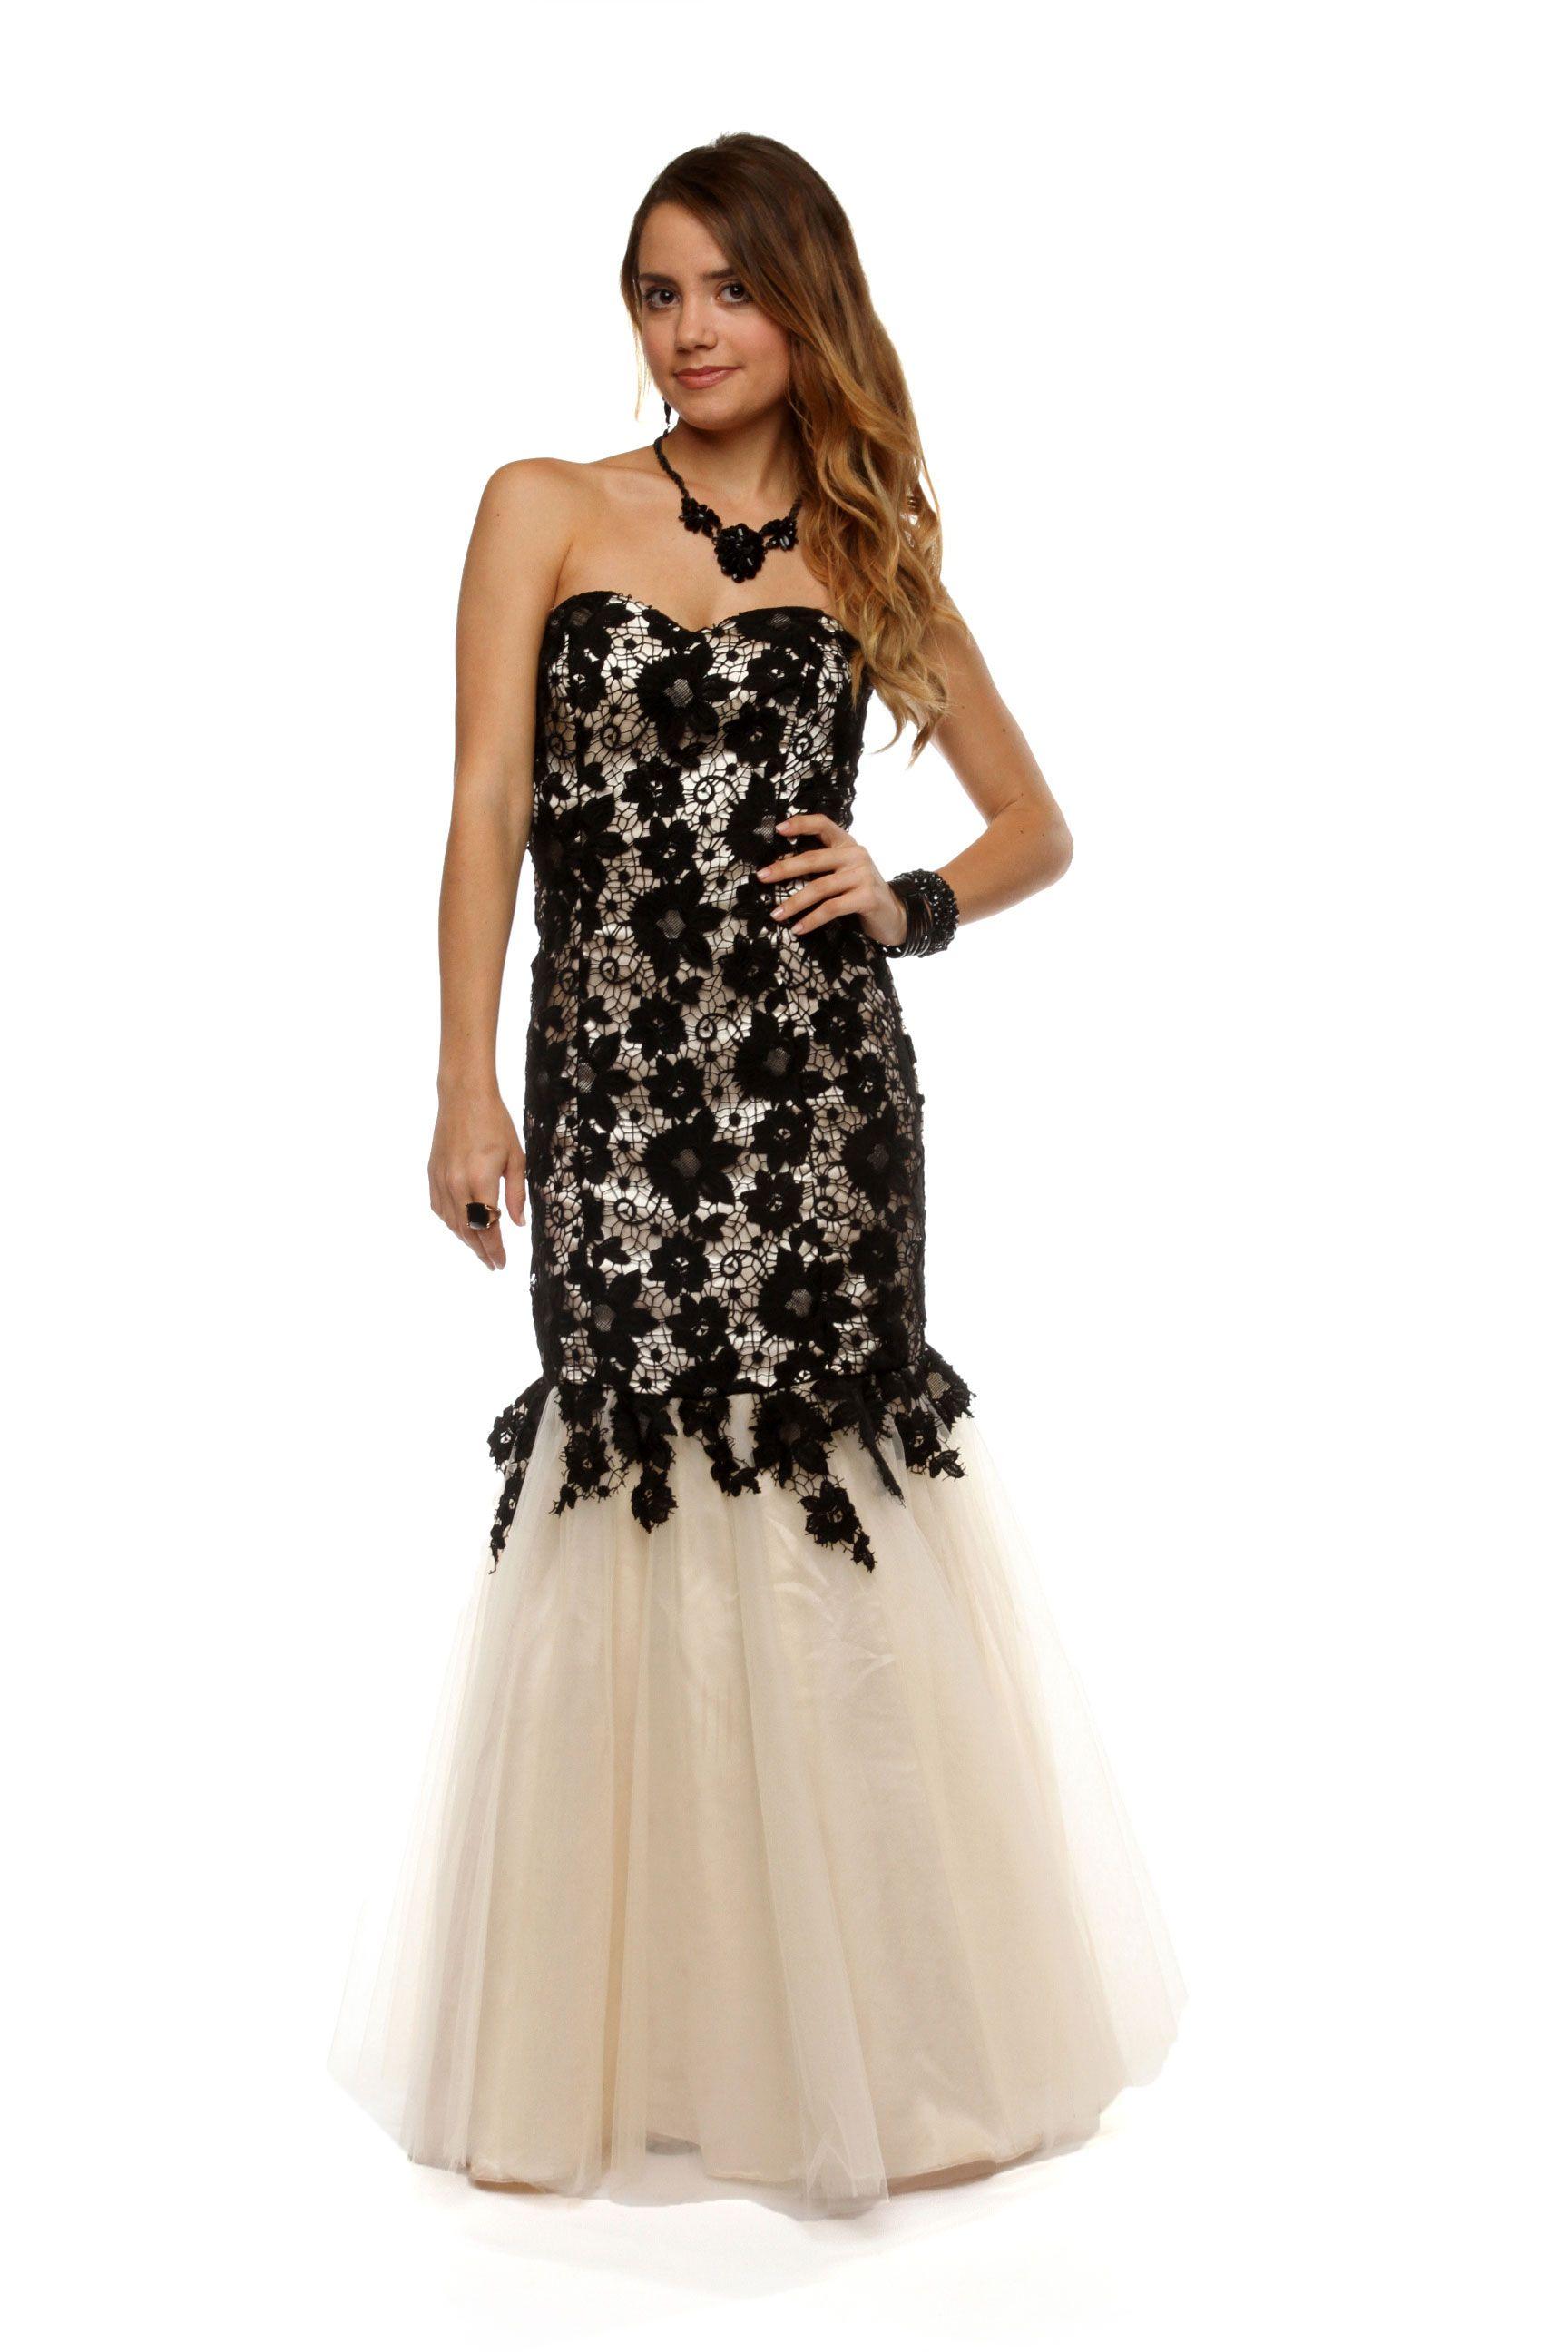 Ausgezeichnet Windsor Kleider Prom Bilder - Brautkleider Ideen ...